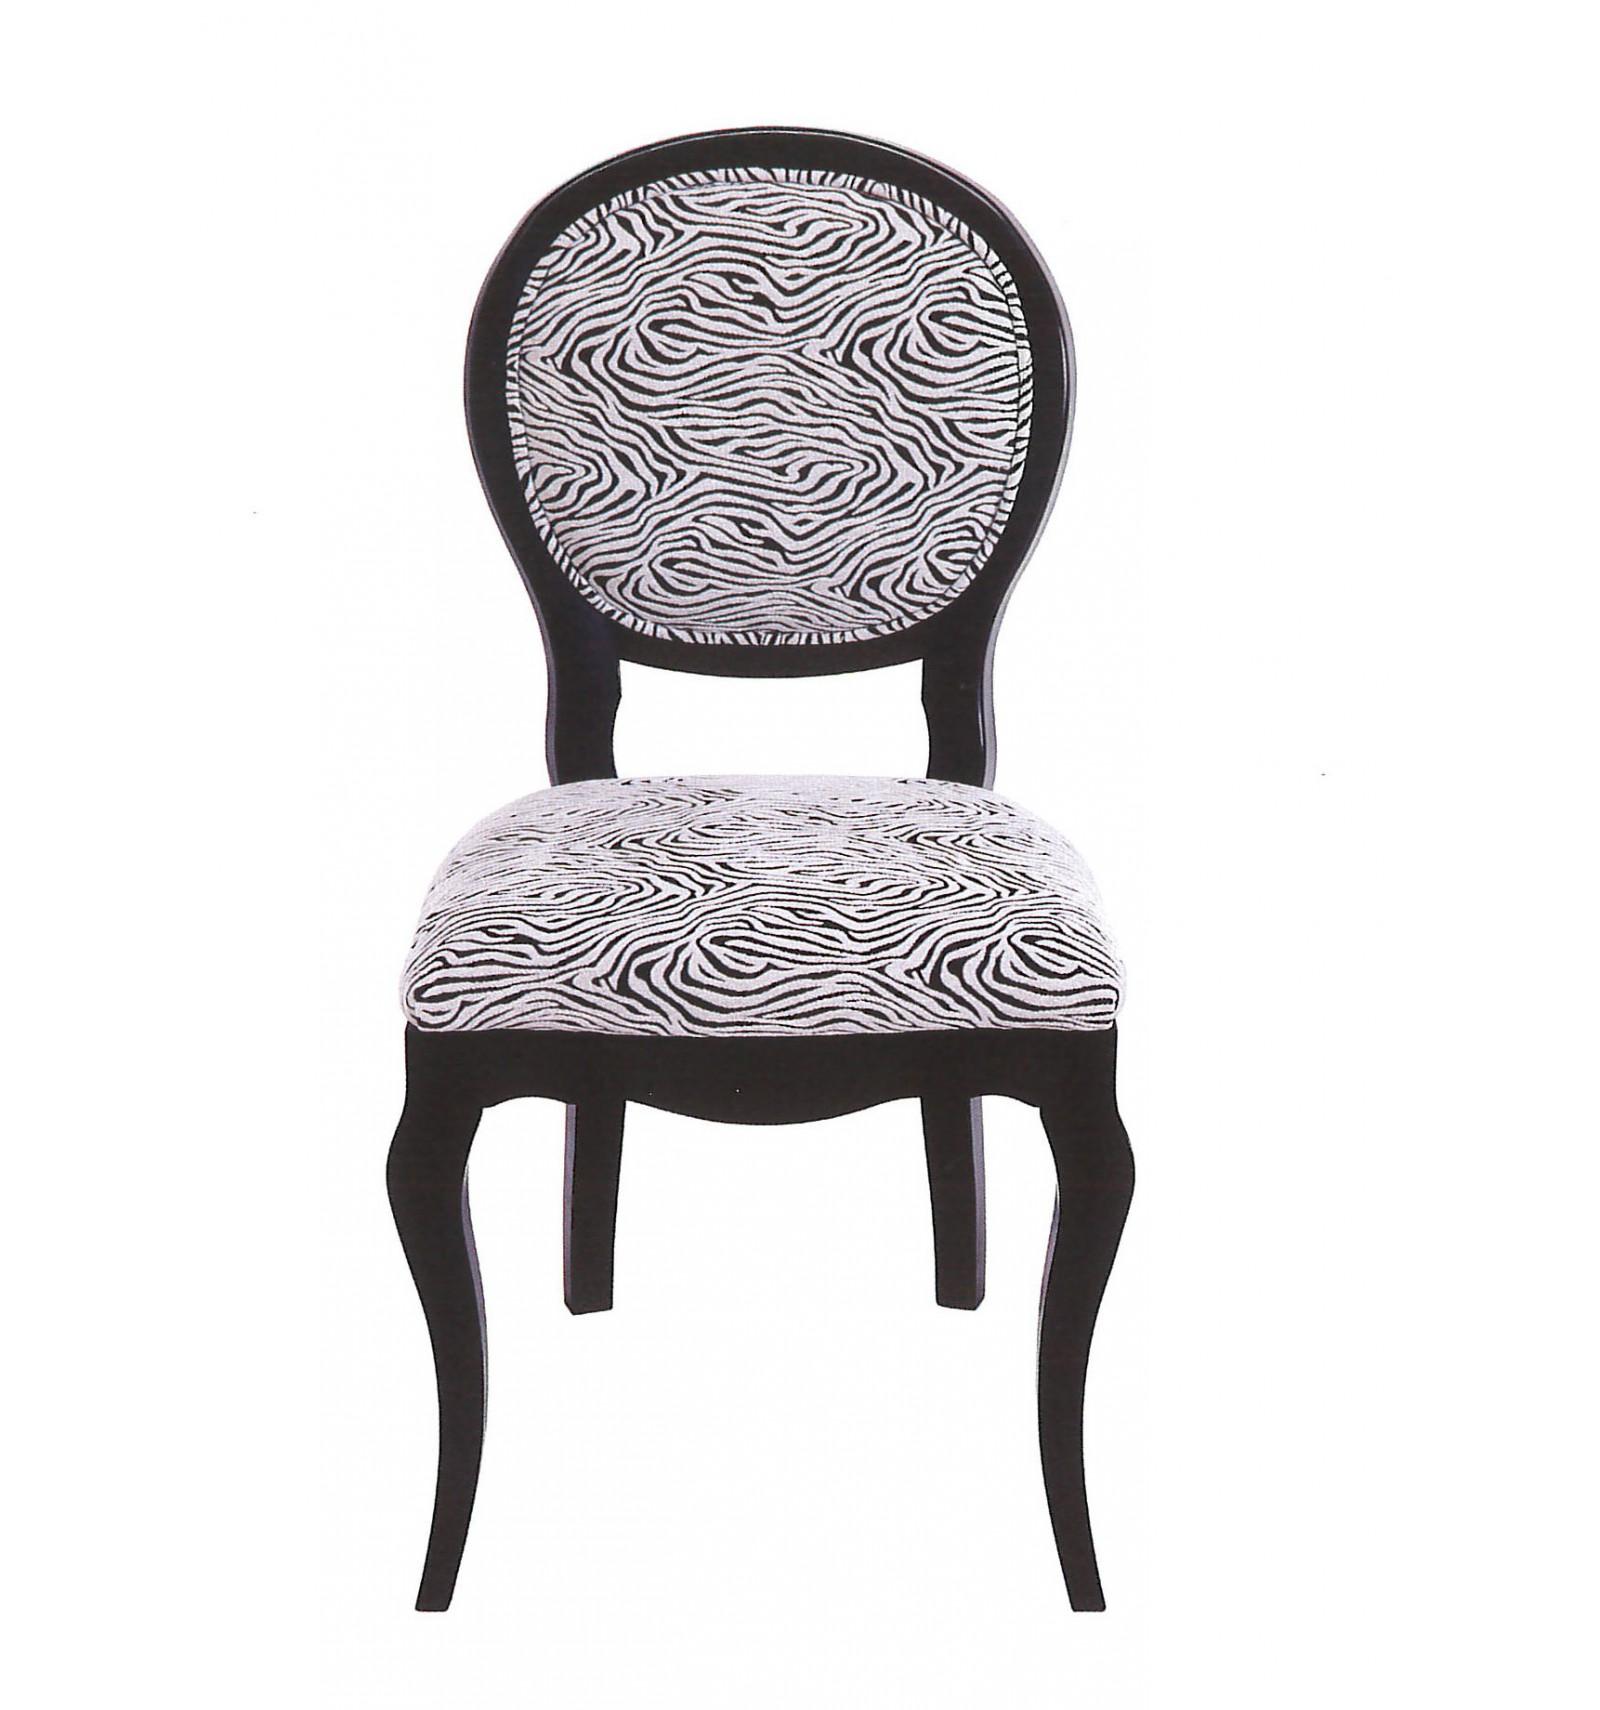 chaise zebre fauteuil baroque zebre concernant chaise zebre fashion designs with chaise zebre. Black Bedroom Furniture Sets. Home Design Ideas